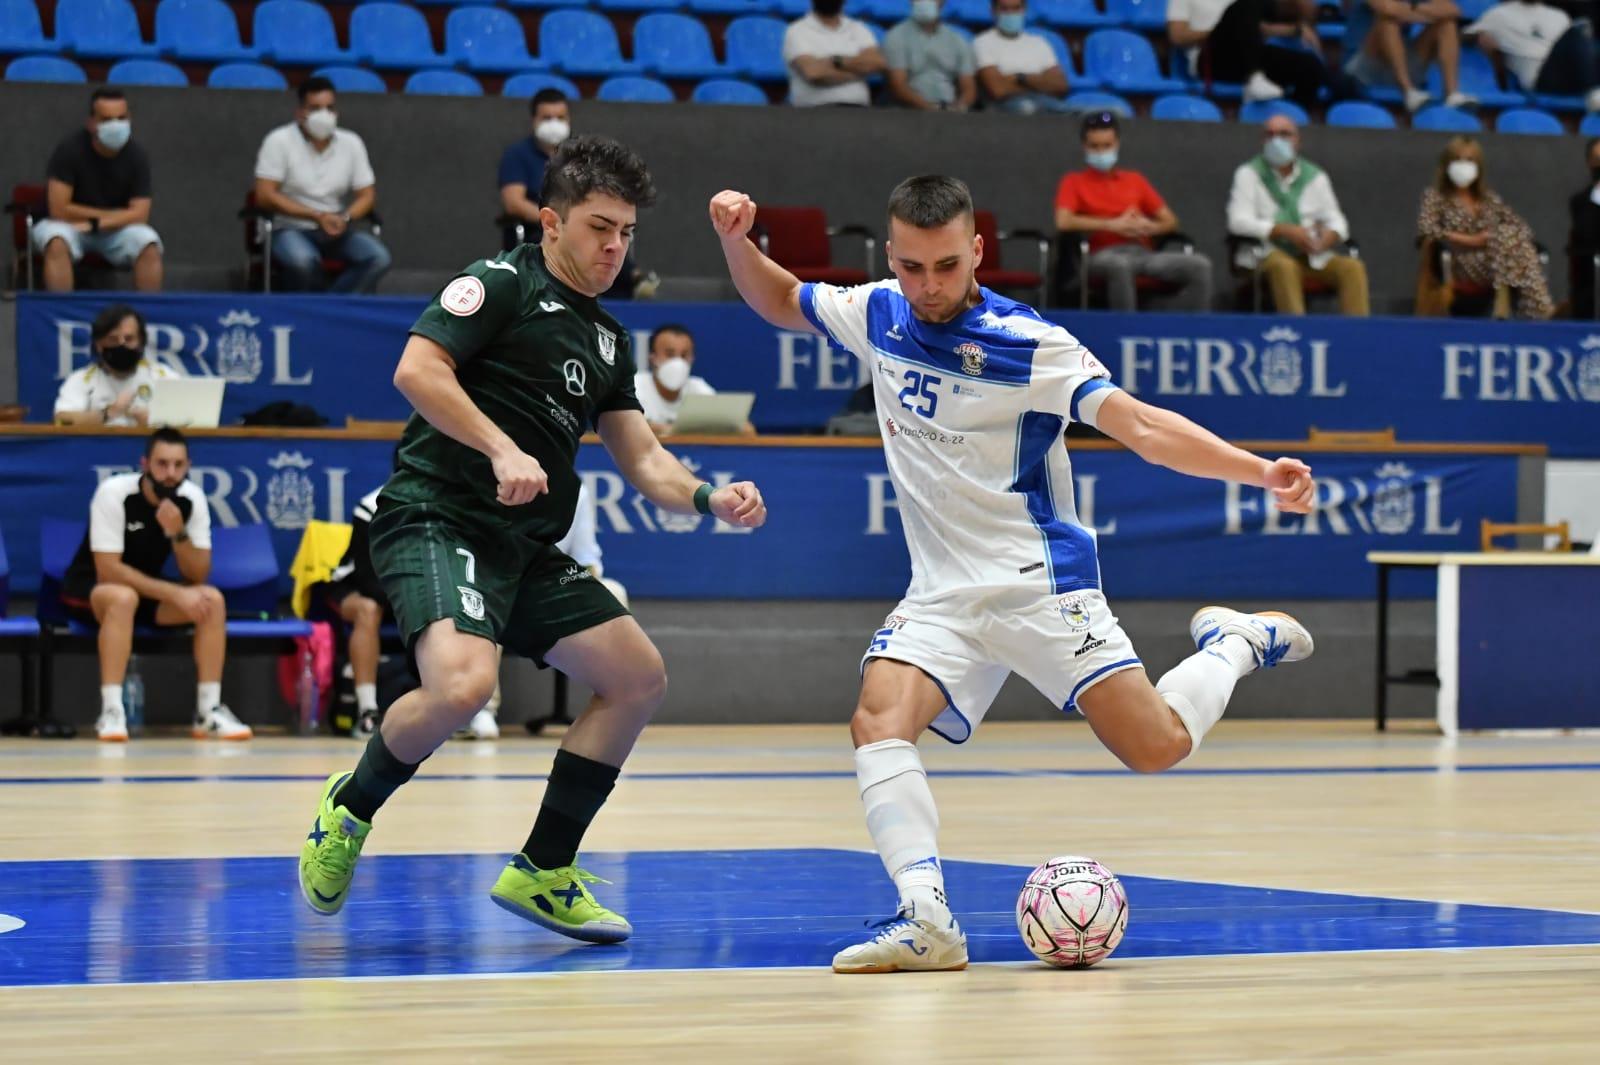 Un buen O Parrulo Ferrol cede un empate en los últimos minutos ante el CD Leganés